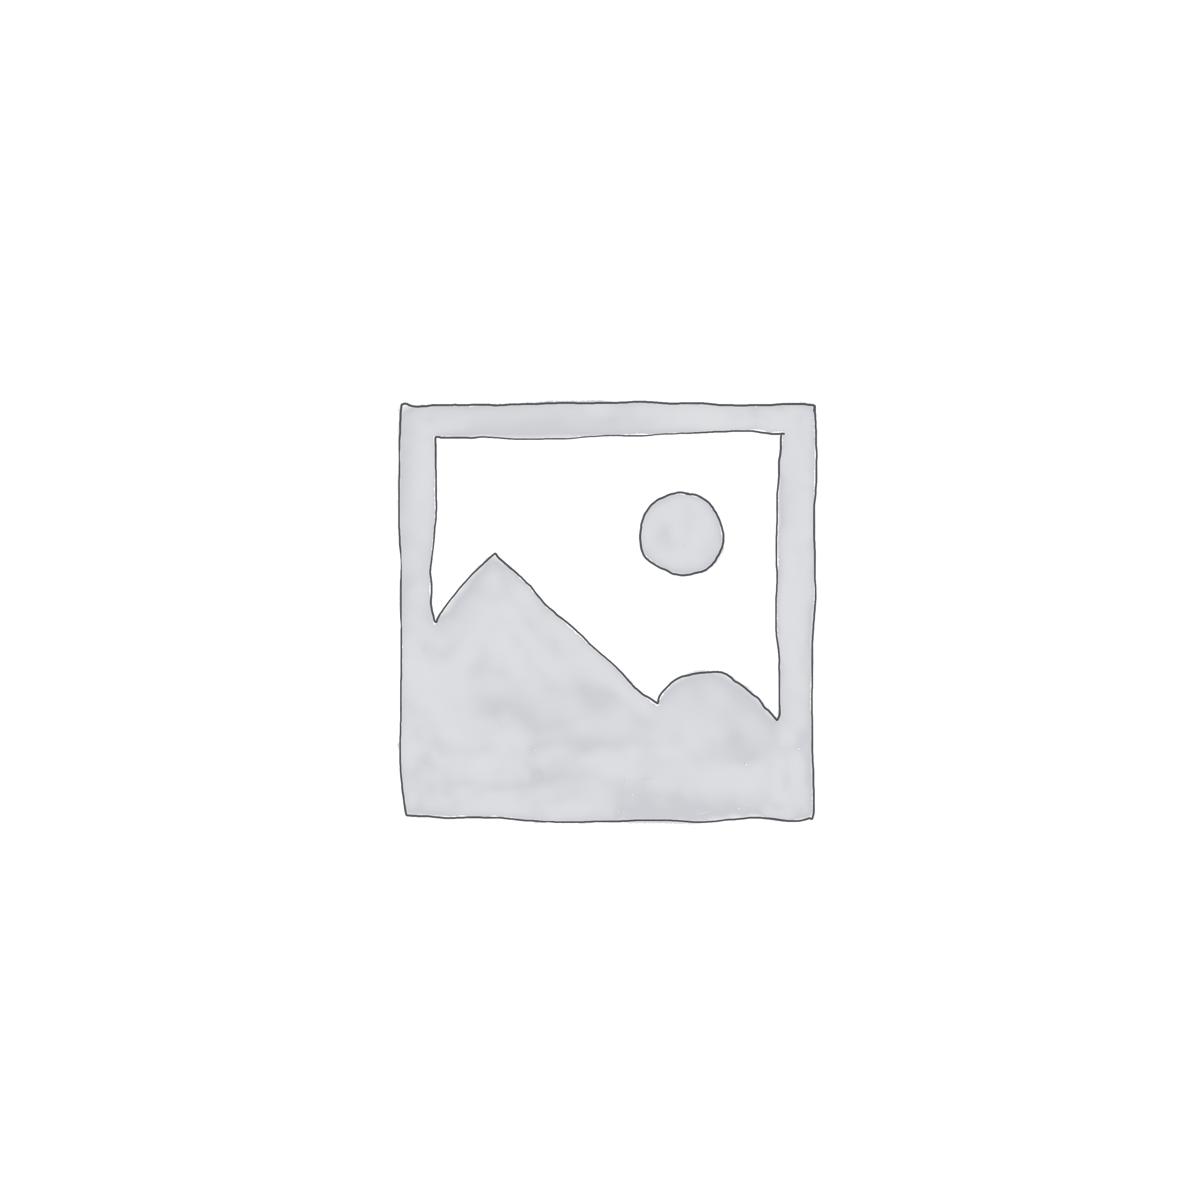 Vintage Floral Art Wallpaper Mural